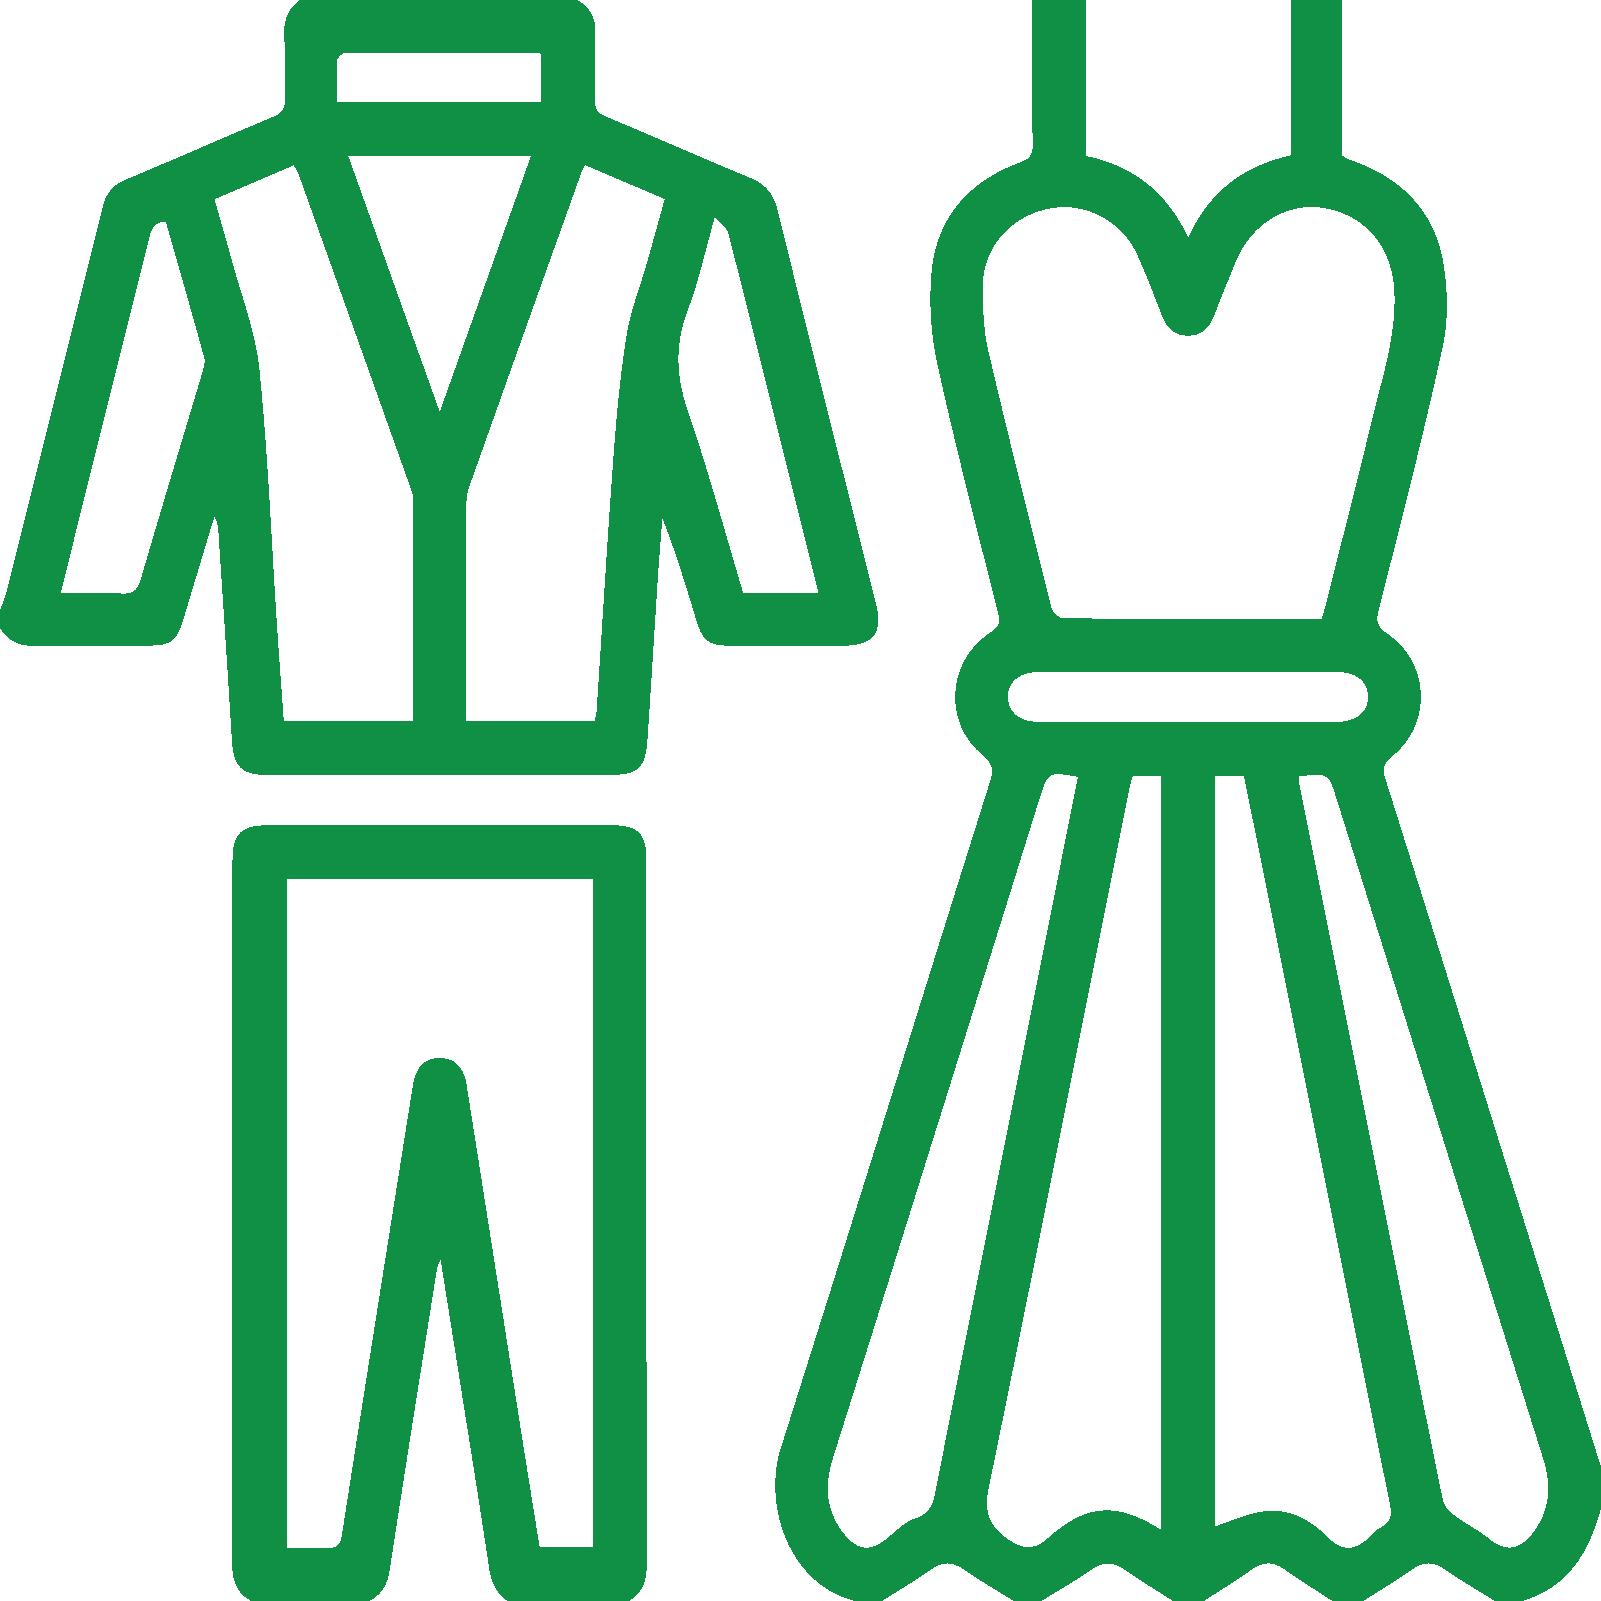 Icona: due abiti uno da uomo e uno da donna